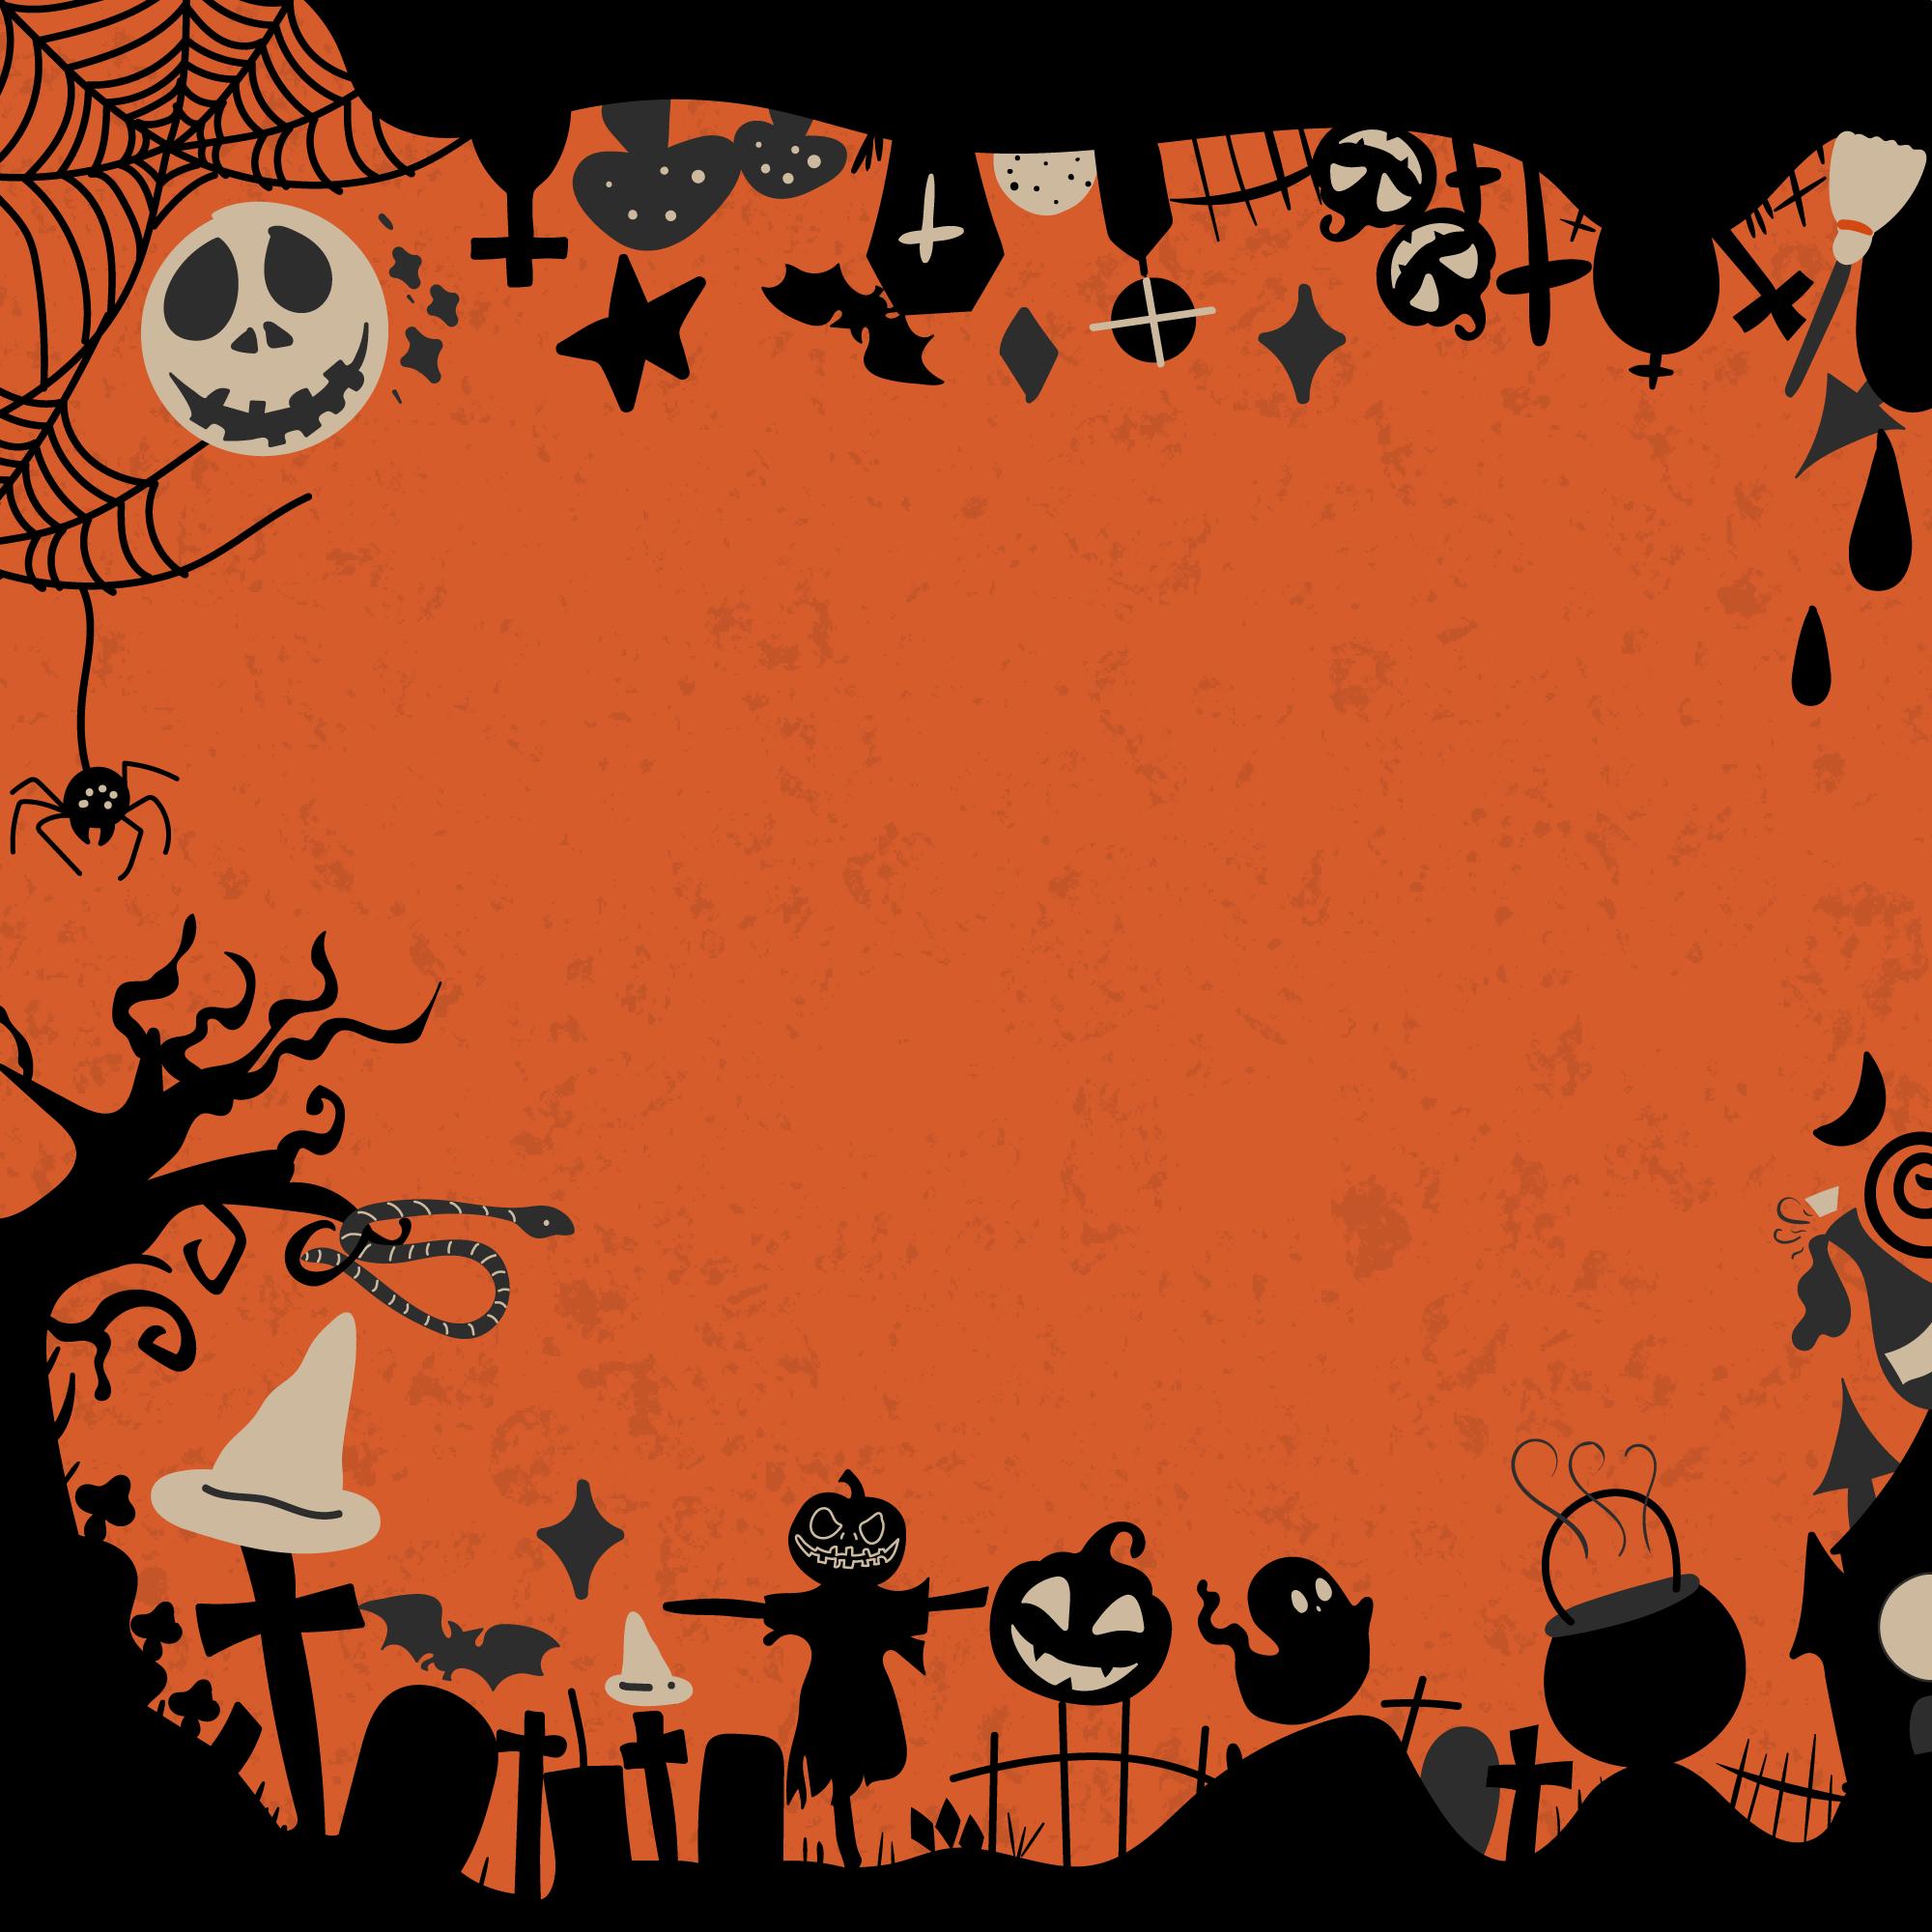 Halloween Wallpaper Free Vector Art